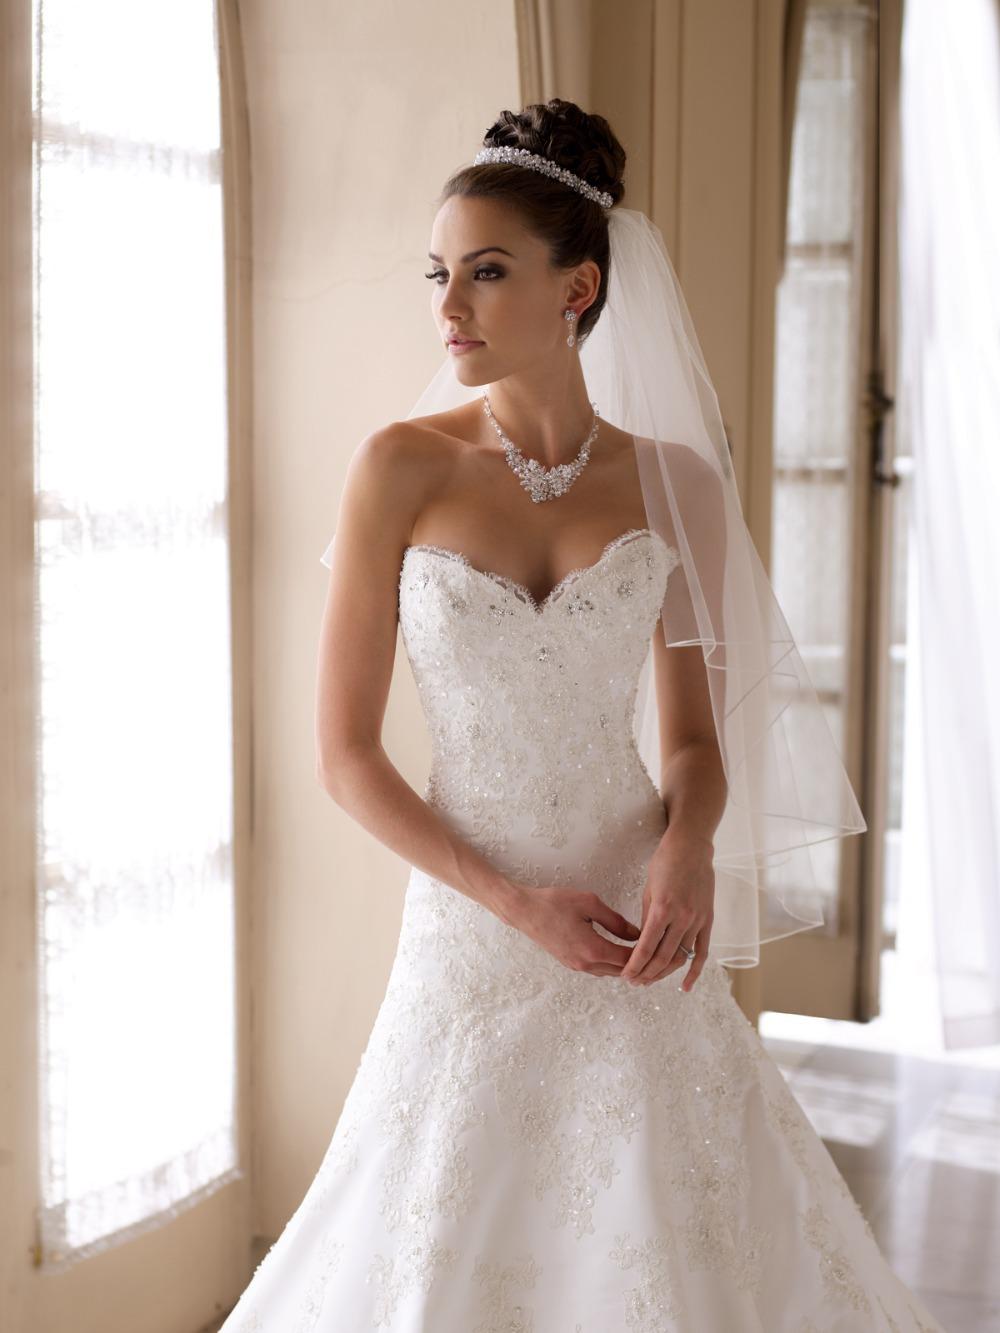 Crear su vestido de novia en línea